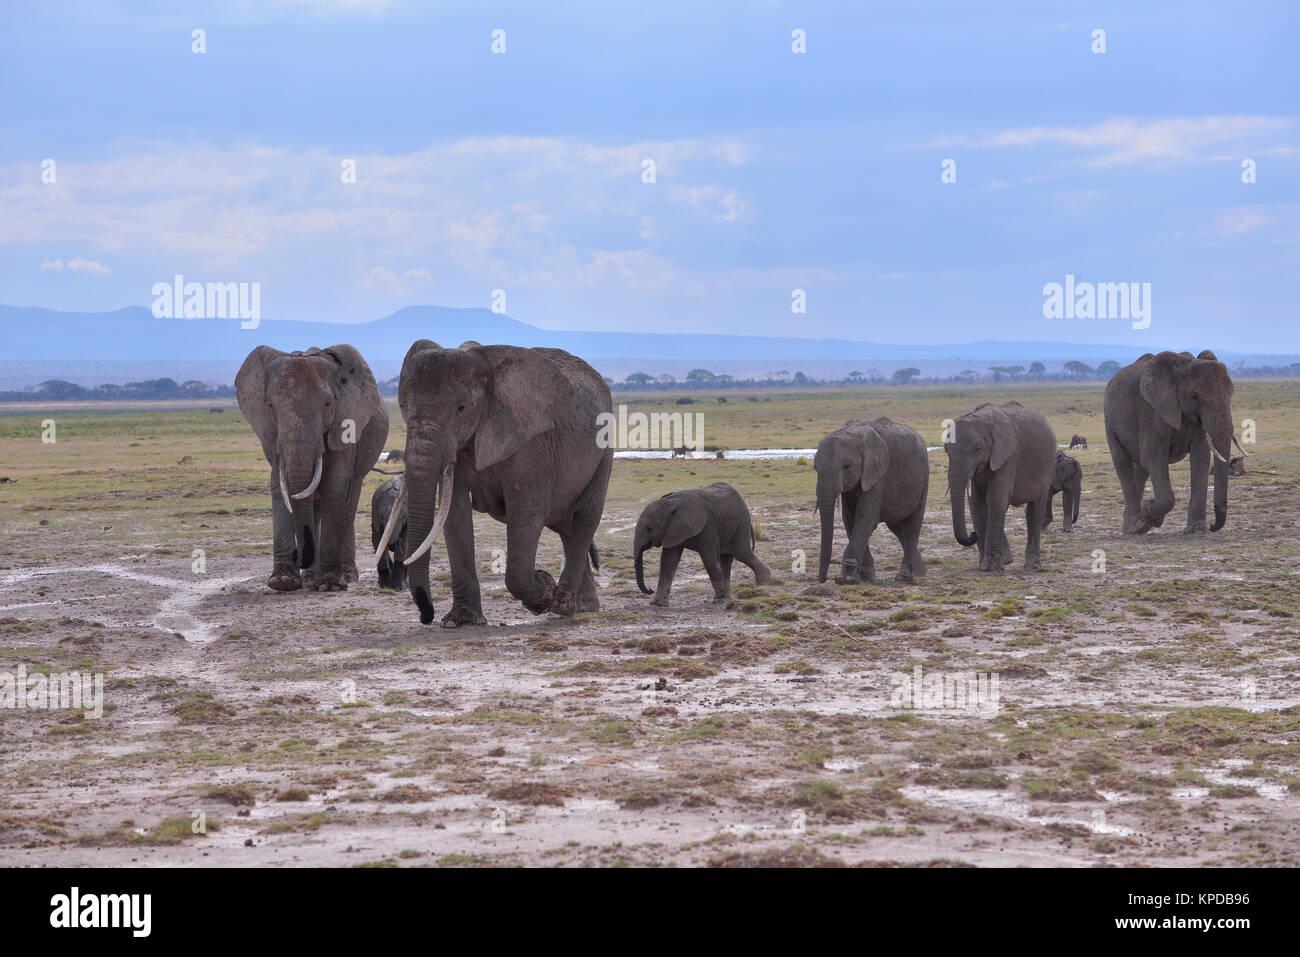 Il Kenya è una destinazione turistica in Africa orientale. Famoso per la fauna selvatica e la bellezza naturale. Immagini Stock